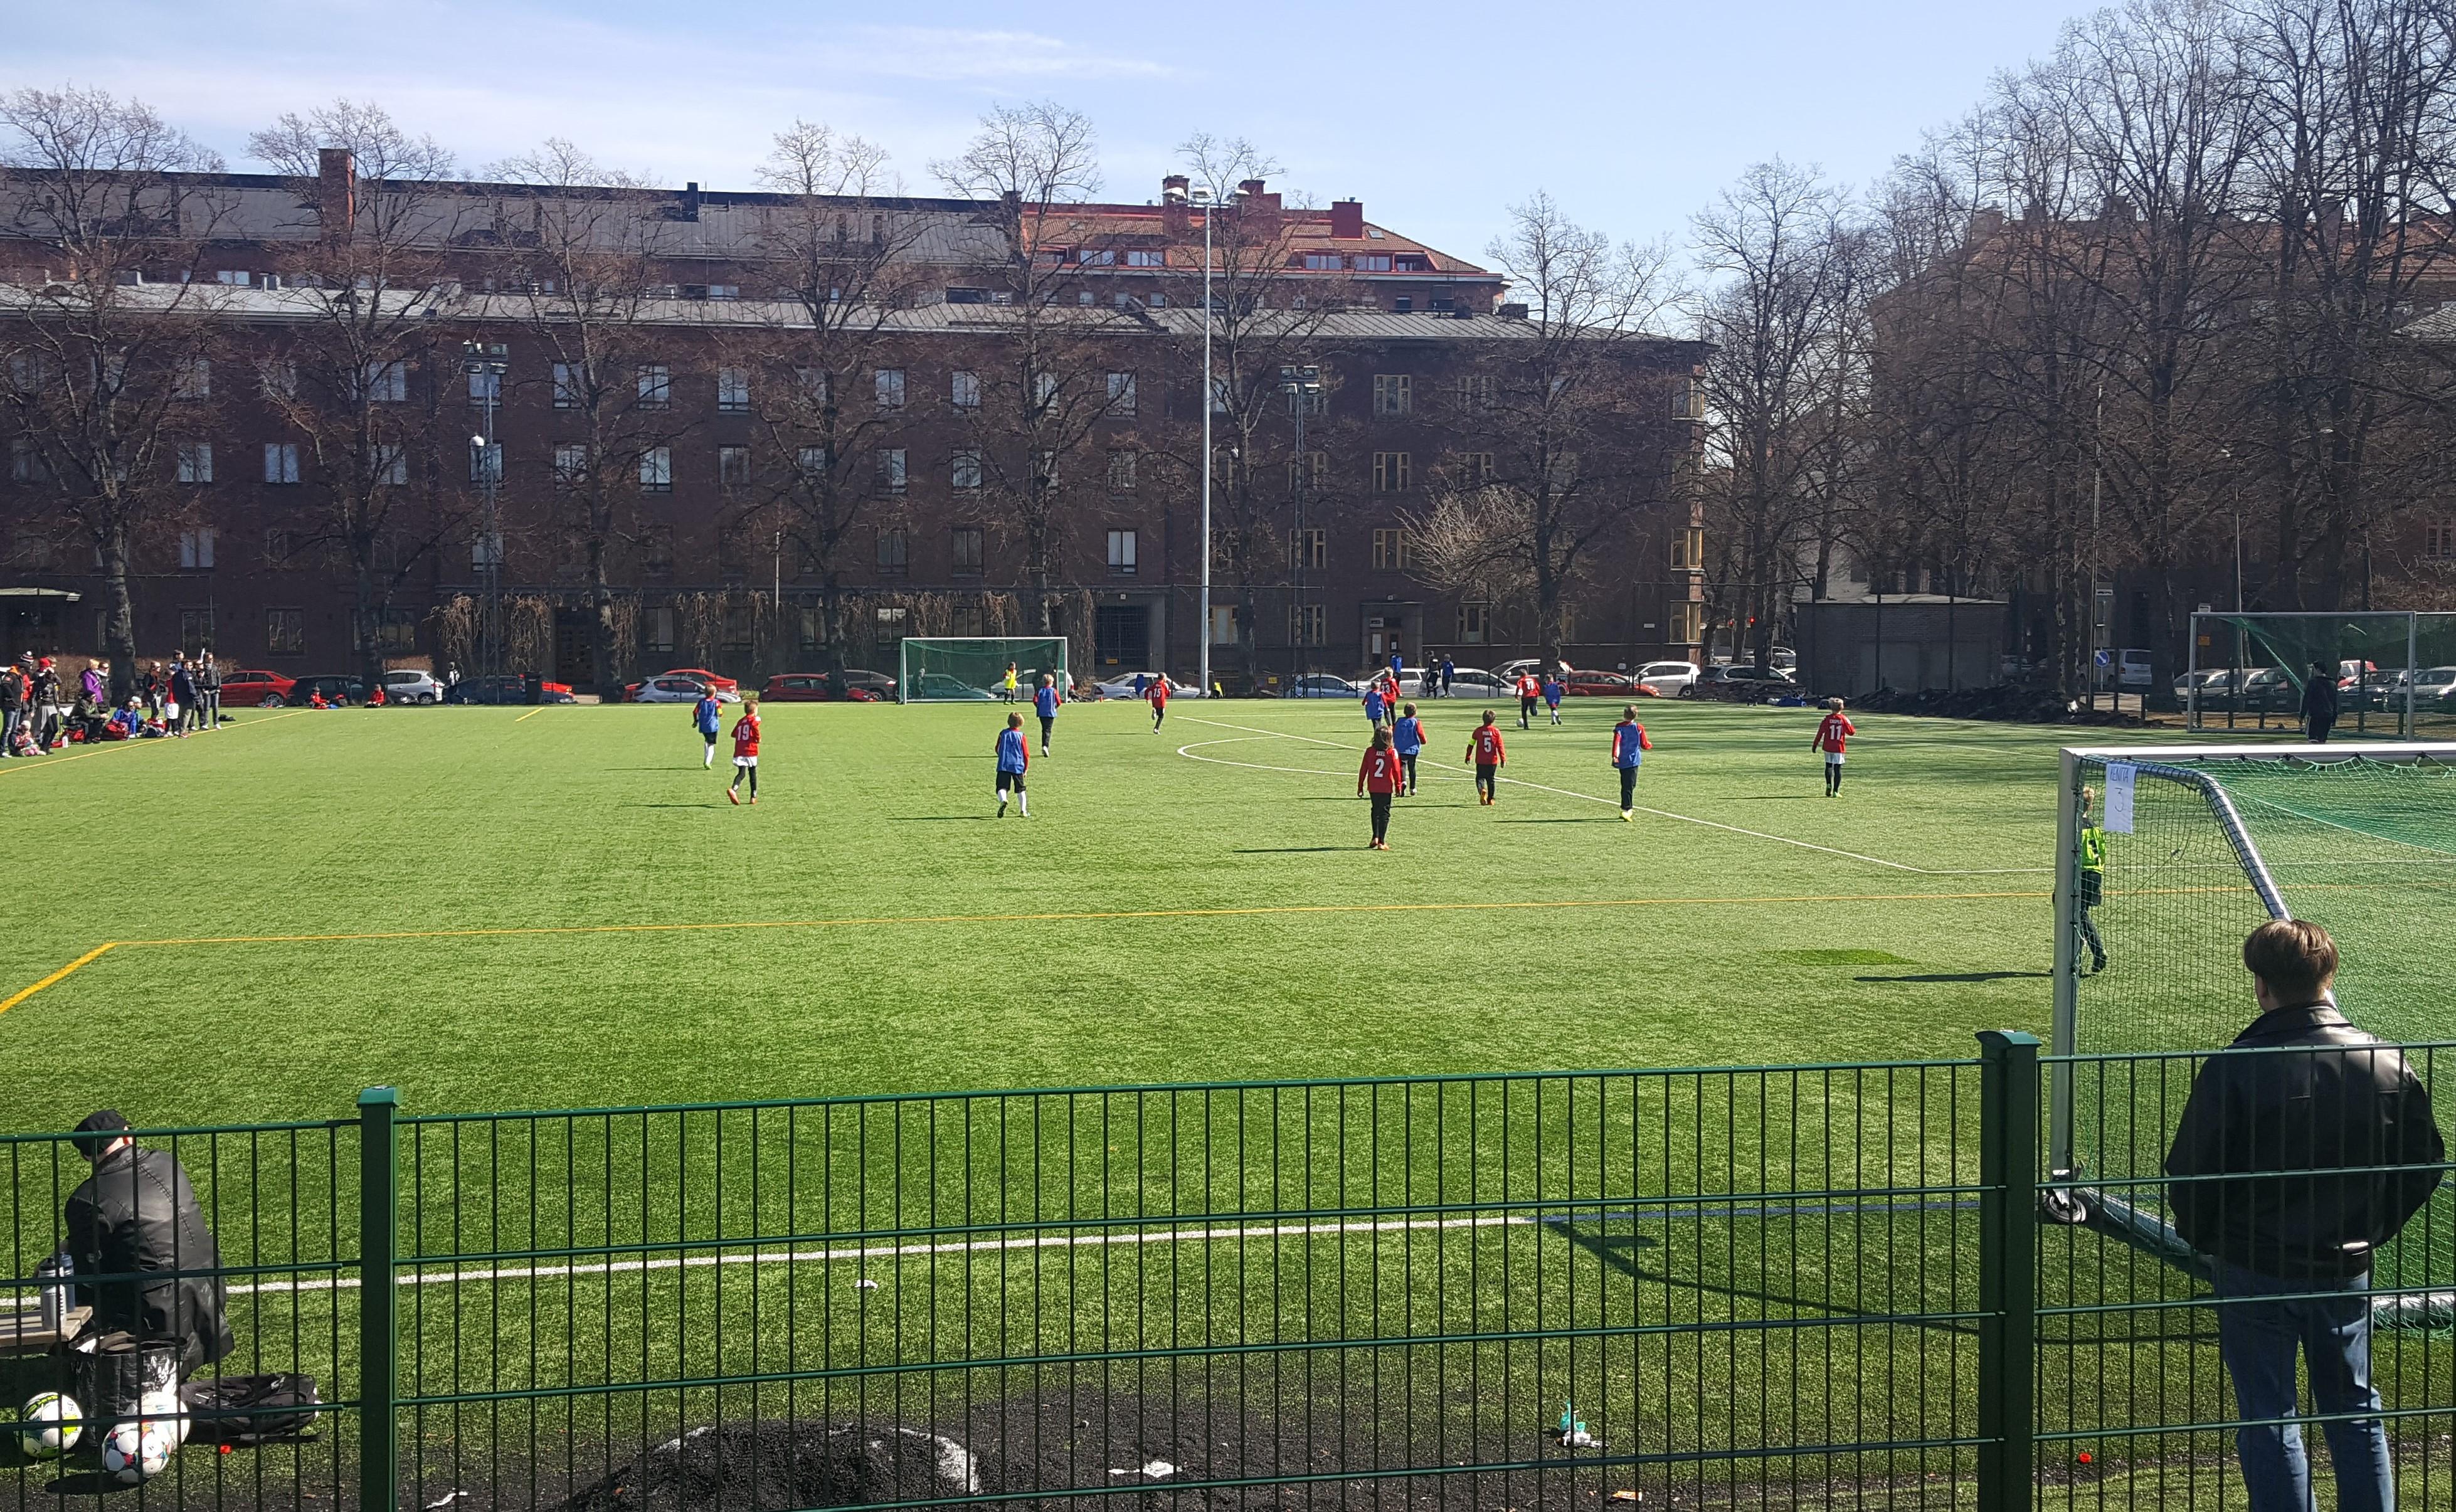 Aurinko helli HIFK06-turnauksen osallistujia